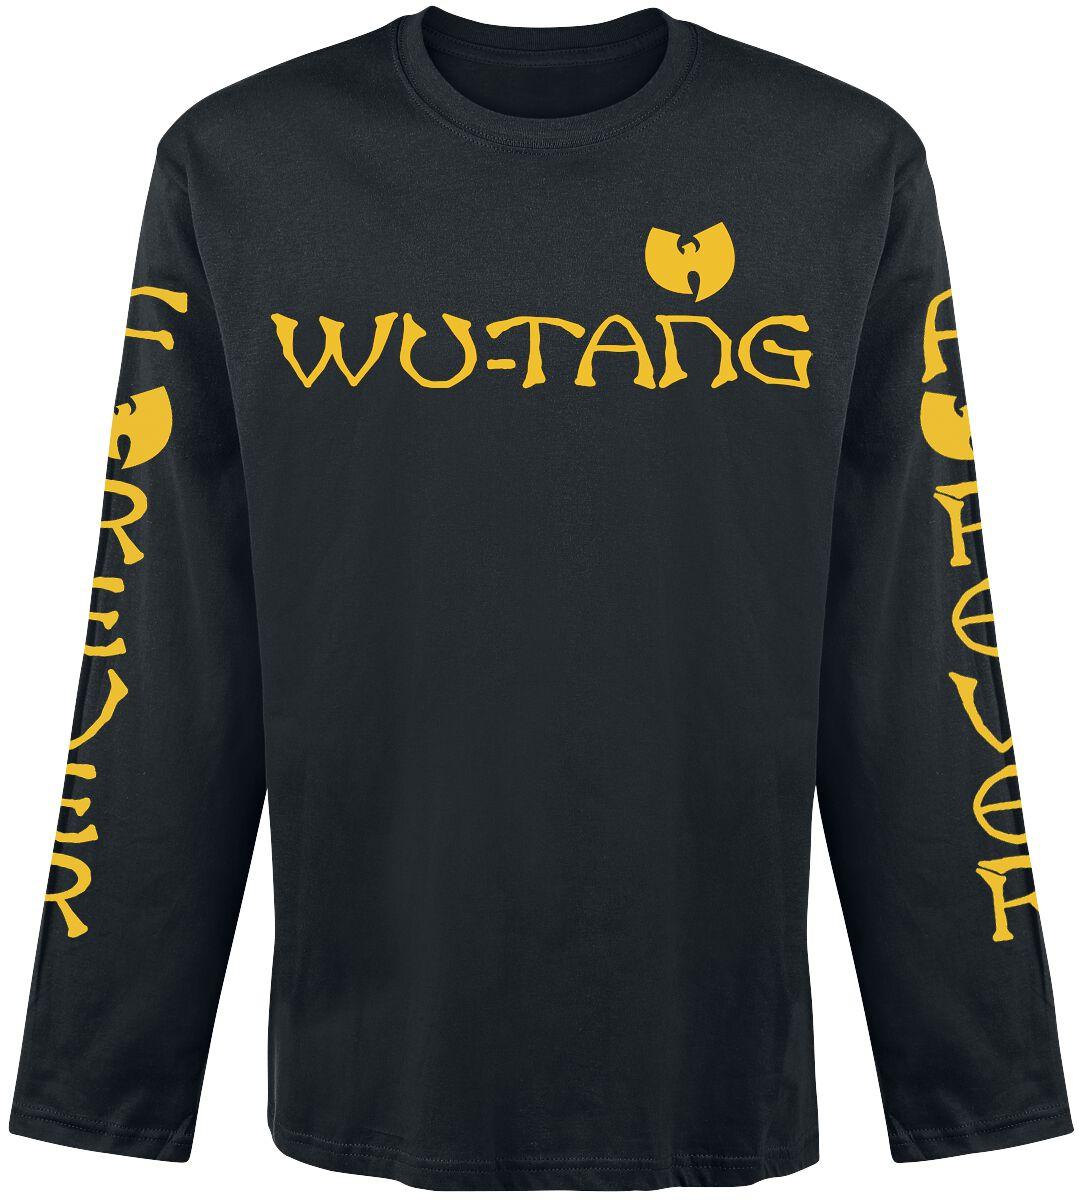 Zespoły - Longsleeve - Longsleeve Wu Tang Clan Logo Longsleeve czarny - 363141